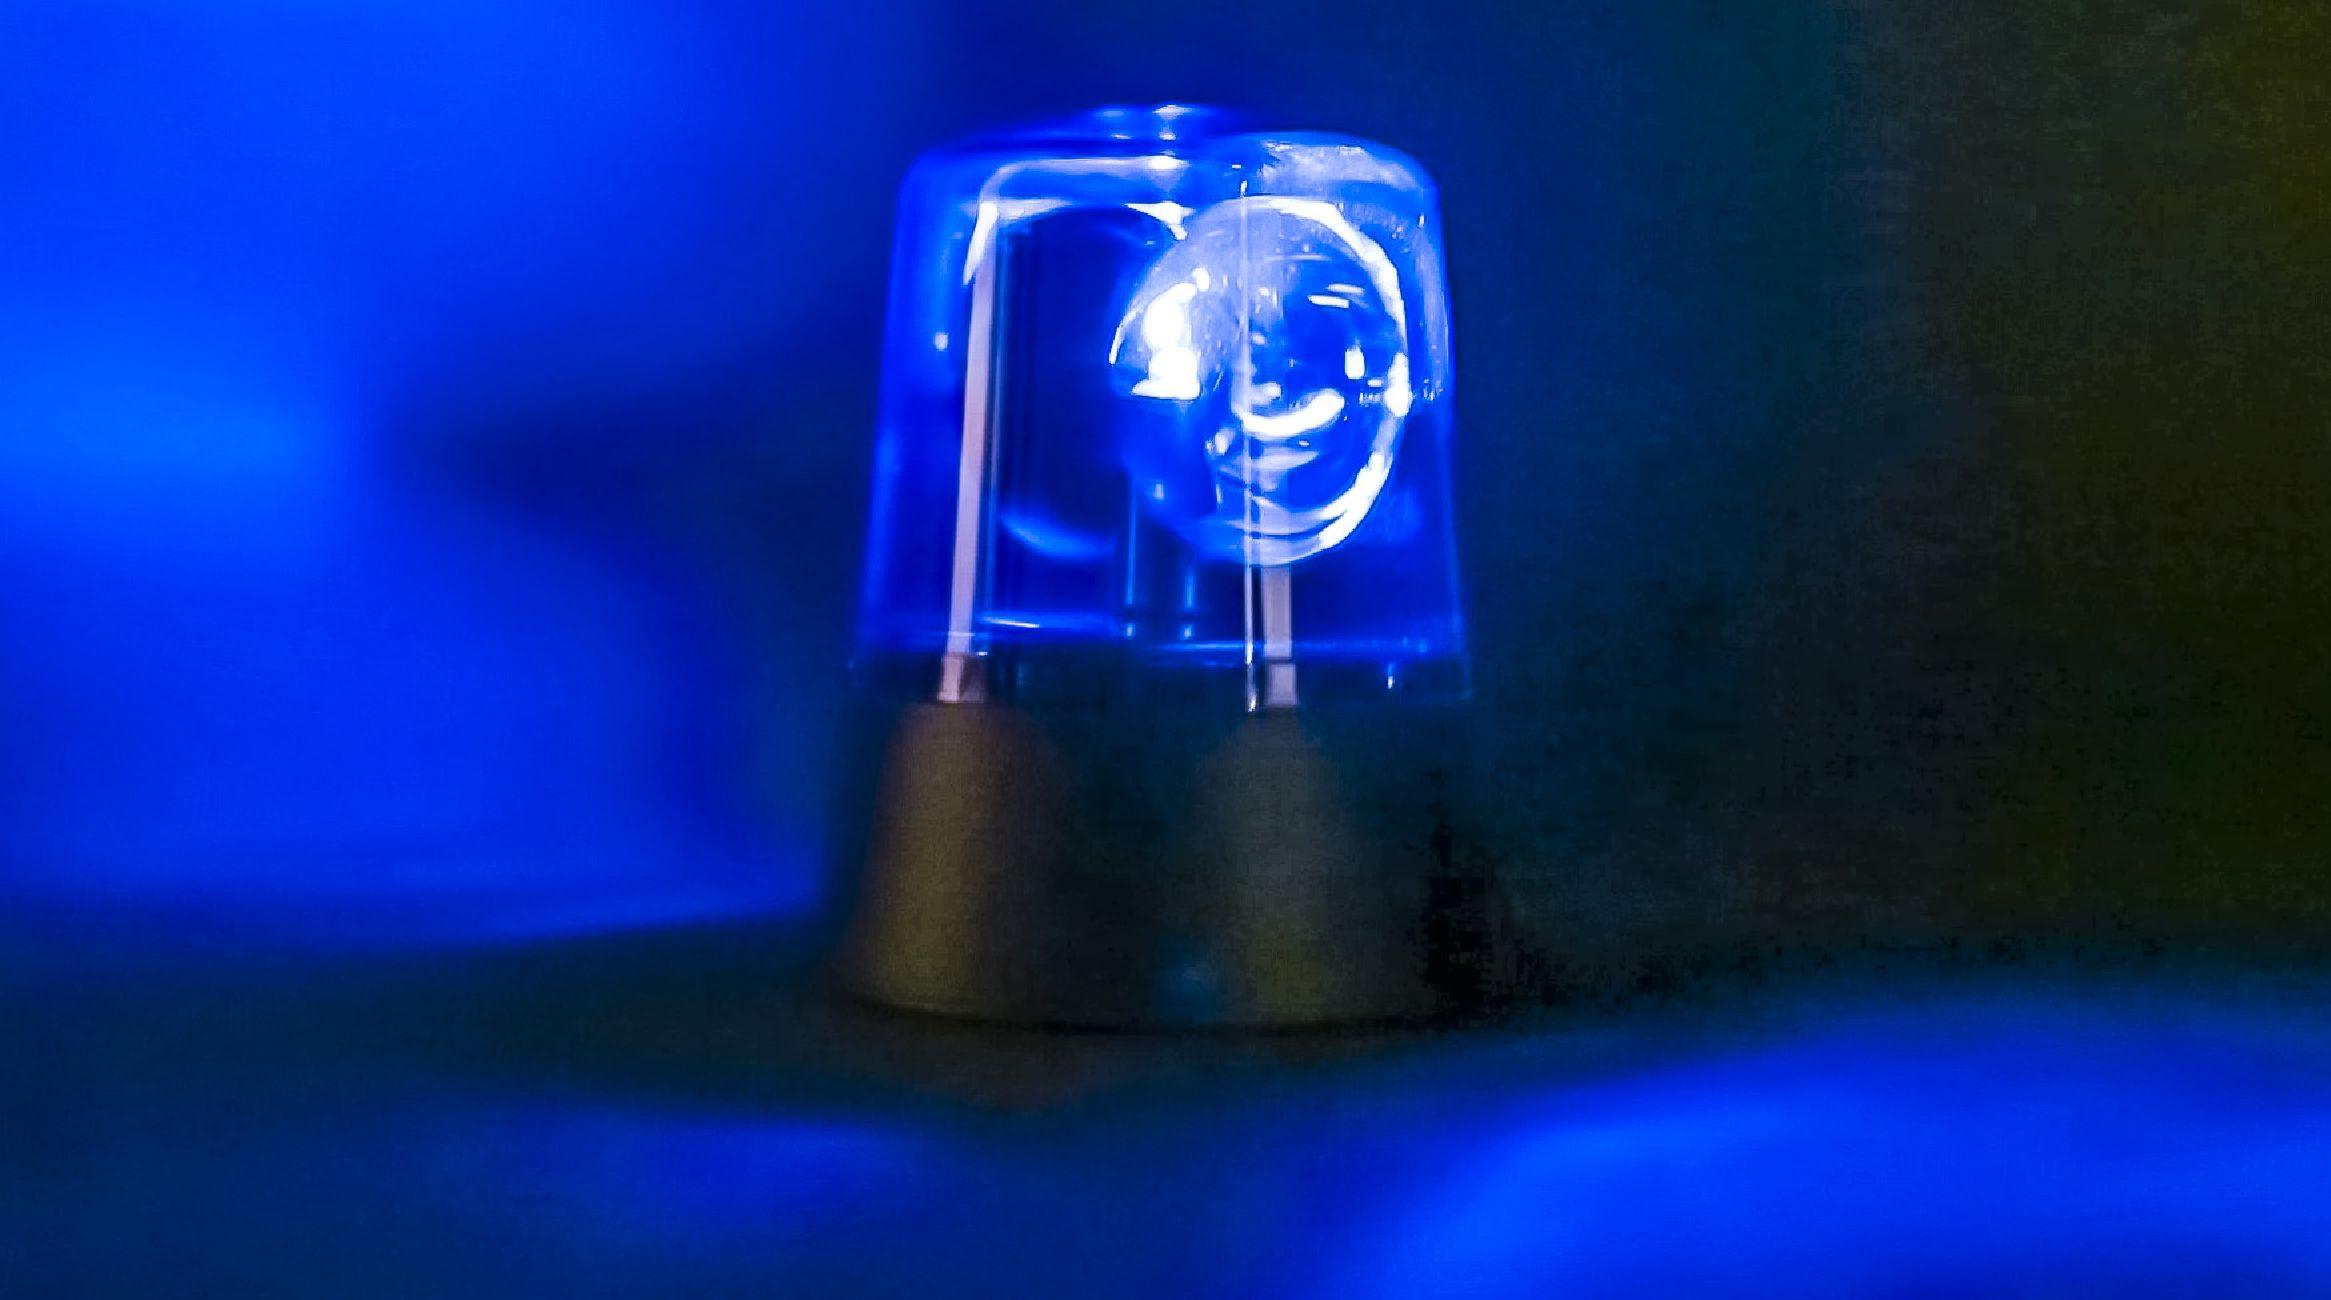 Modrý maják, Párty světlo